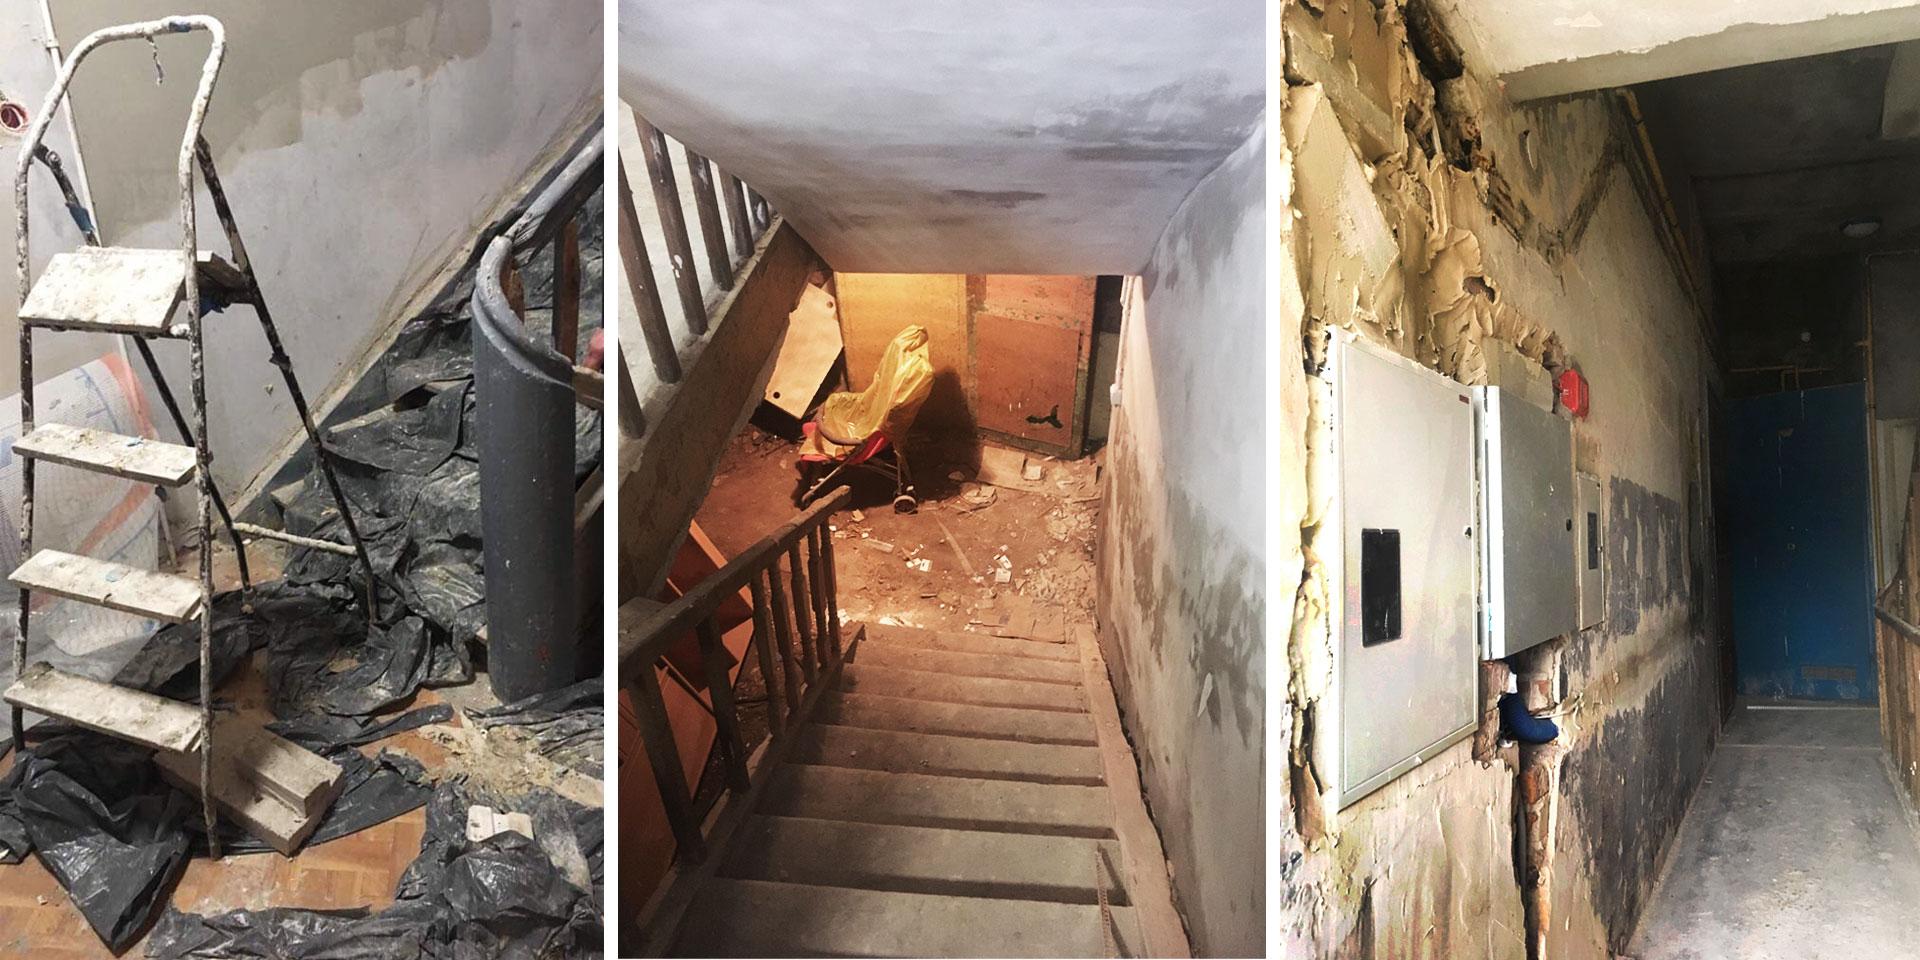 Remontowana w zimie klatka budynku przy ul. Mińskiej 13. Fot. 1: Lokatorka, 2-3: OKO.press